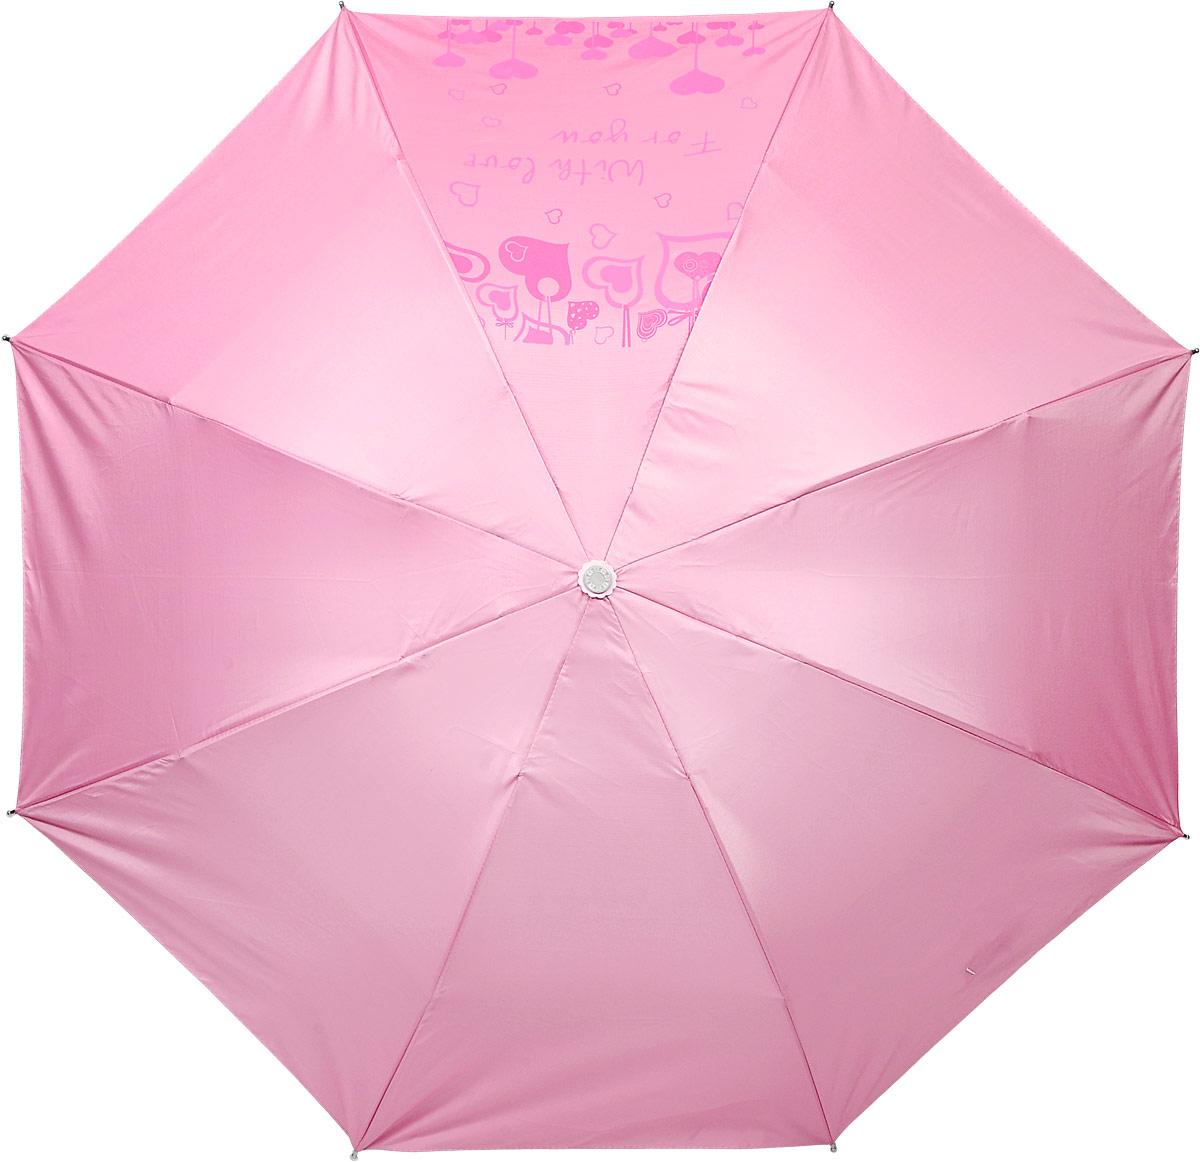 Зонт женский Эврика, механика, 2 сложения, цвет: розовый, серебристый. 9154291542Оригинальный зонт Эврика оформлен оригинальным принтом. Изделие состоит из восьми спиц и стержня, изготовленных из металла. Купол выполнен из высококачественного ПВХ, который не пропускает воду. Зонт дополнен удобной ручкой из пластика. Зонт имеет механический способ сложения: и купол, и стержень открываются вручную до характерного щелчка. br> К зонту прилагается пластиковый чехол в виде бутылки. Благодаря своему небольшому размеру, зонт легко пометится в сумку.